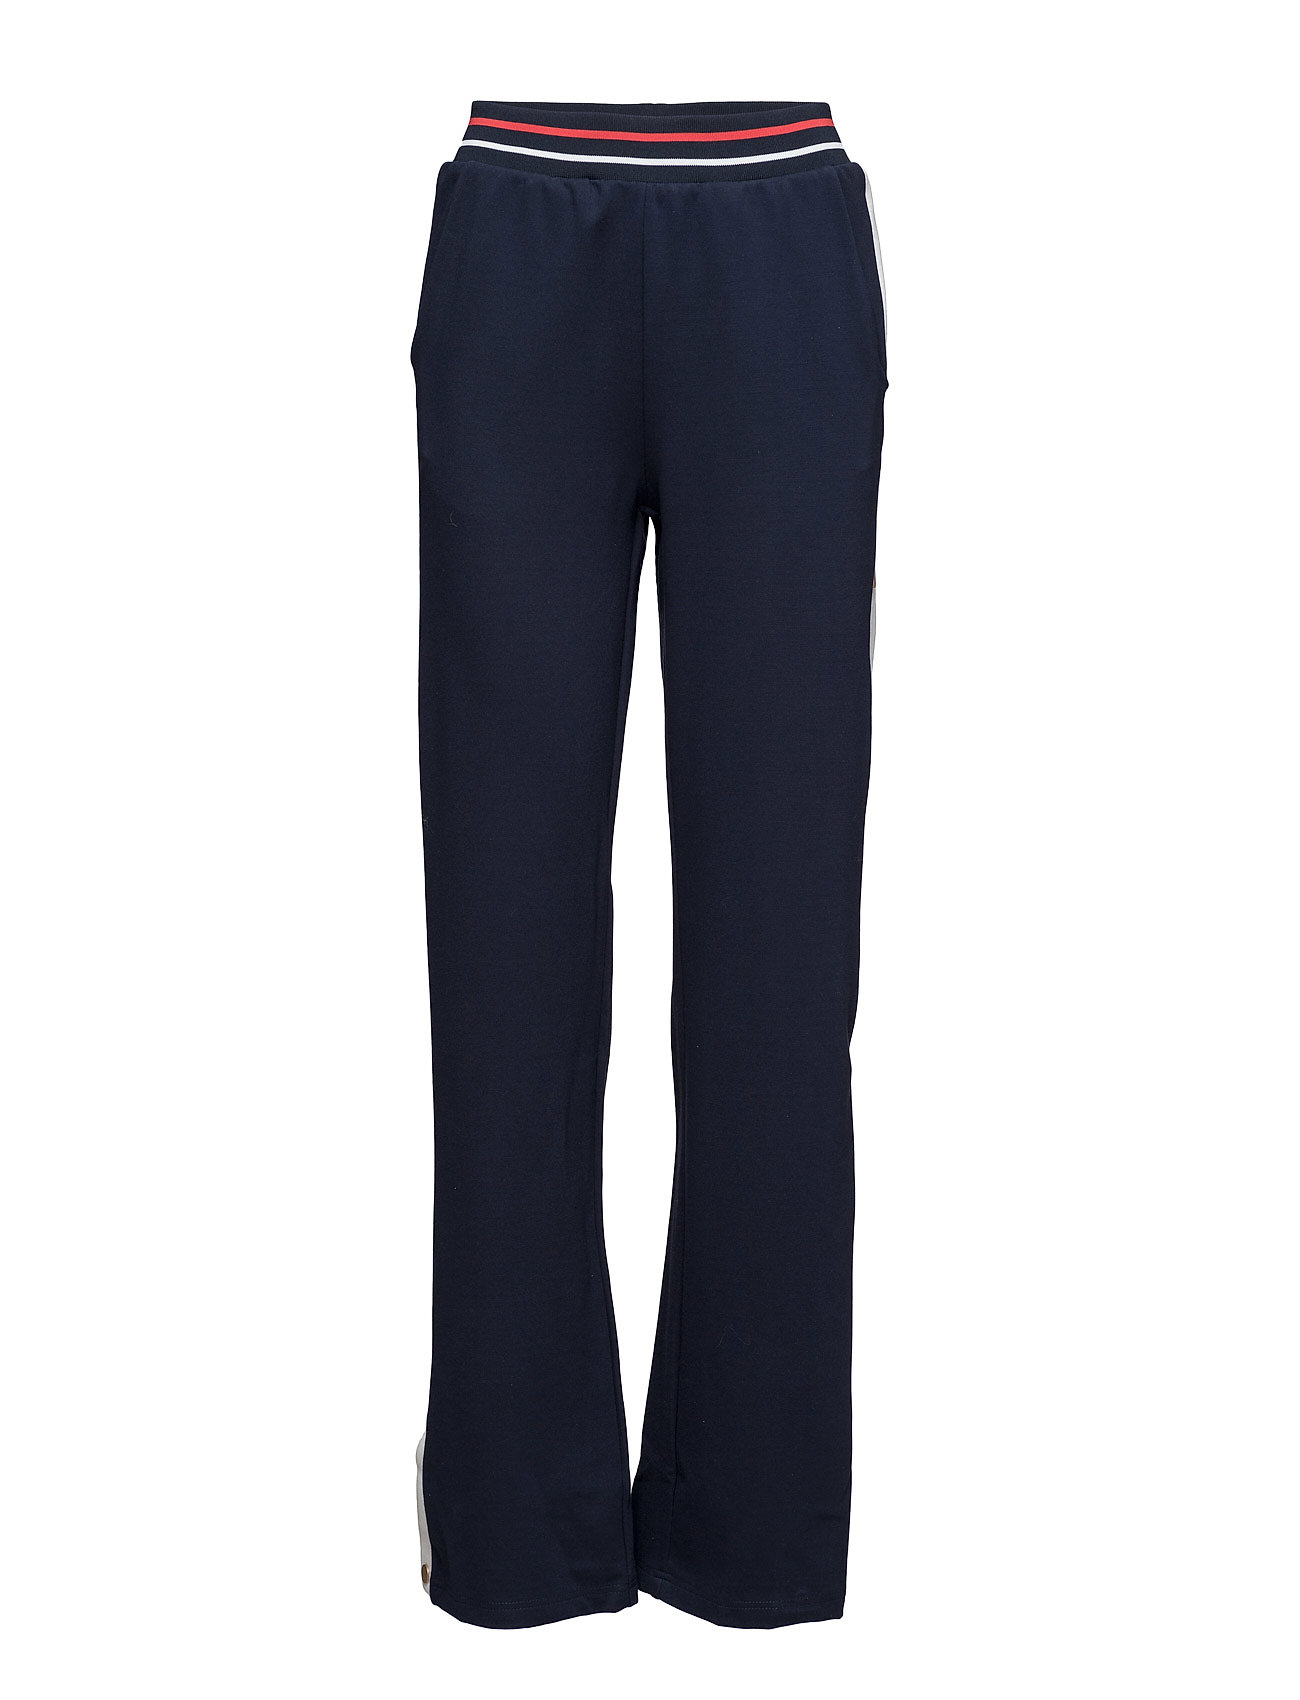 Caren Pants Ze4 16 Gestuz Bukser til Kvinder i Deep Well